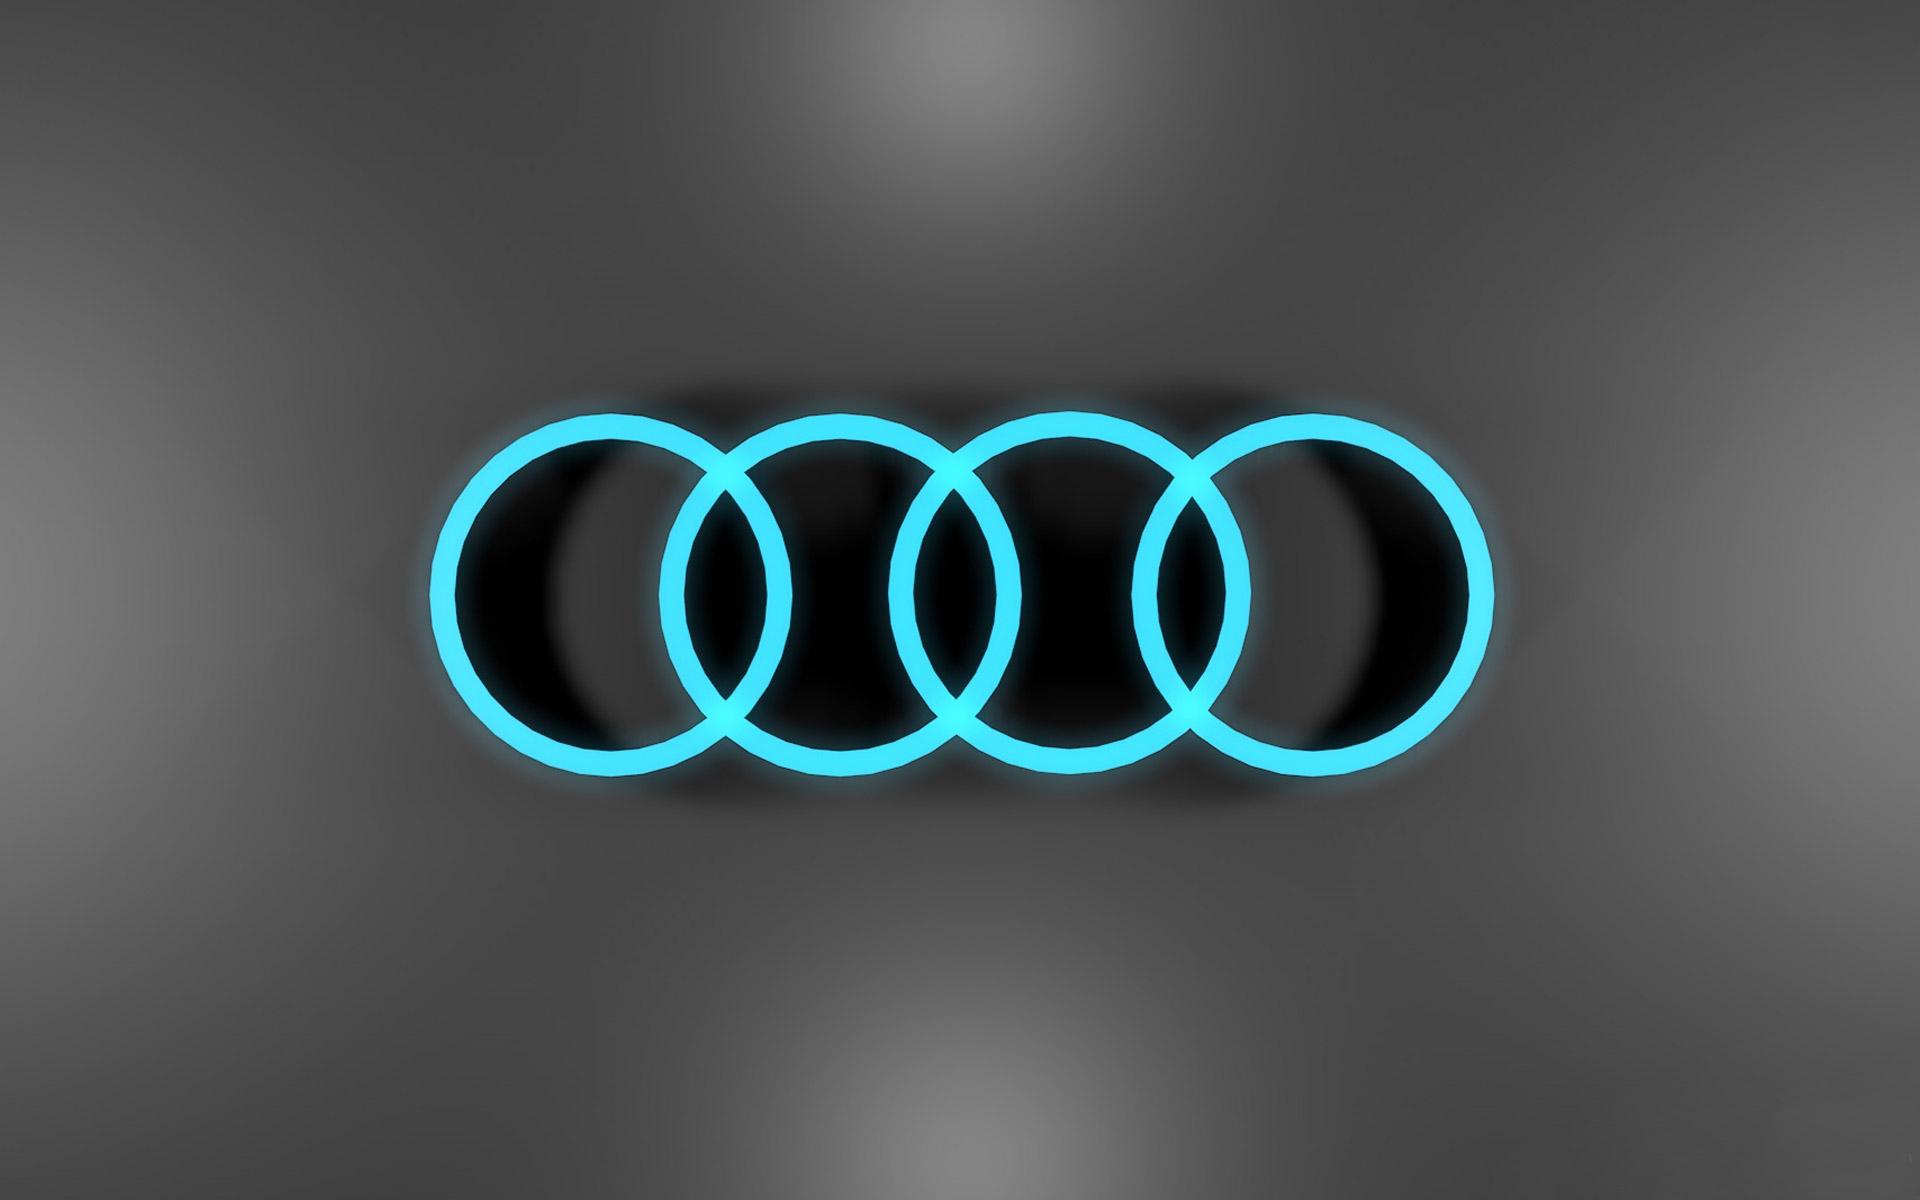 Audi Wallpapers for Desktop WallpaperSafari